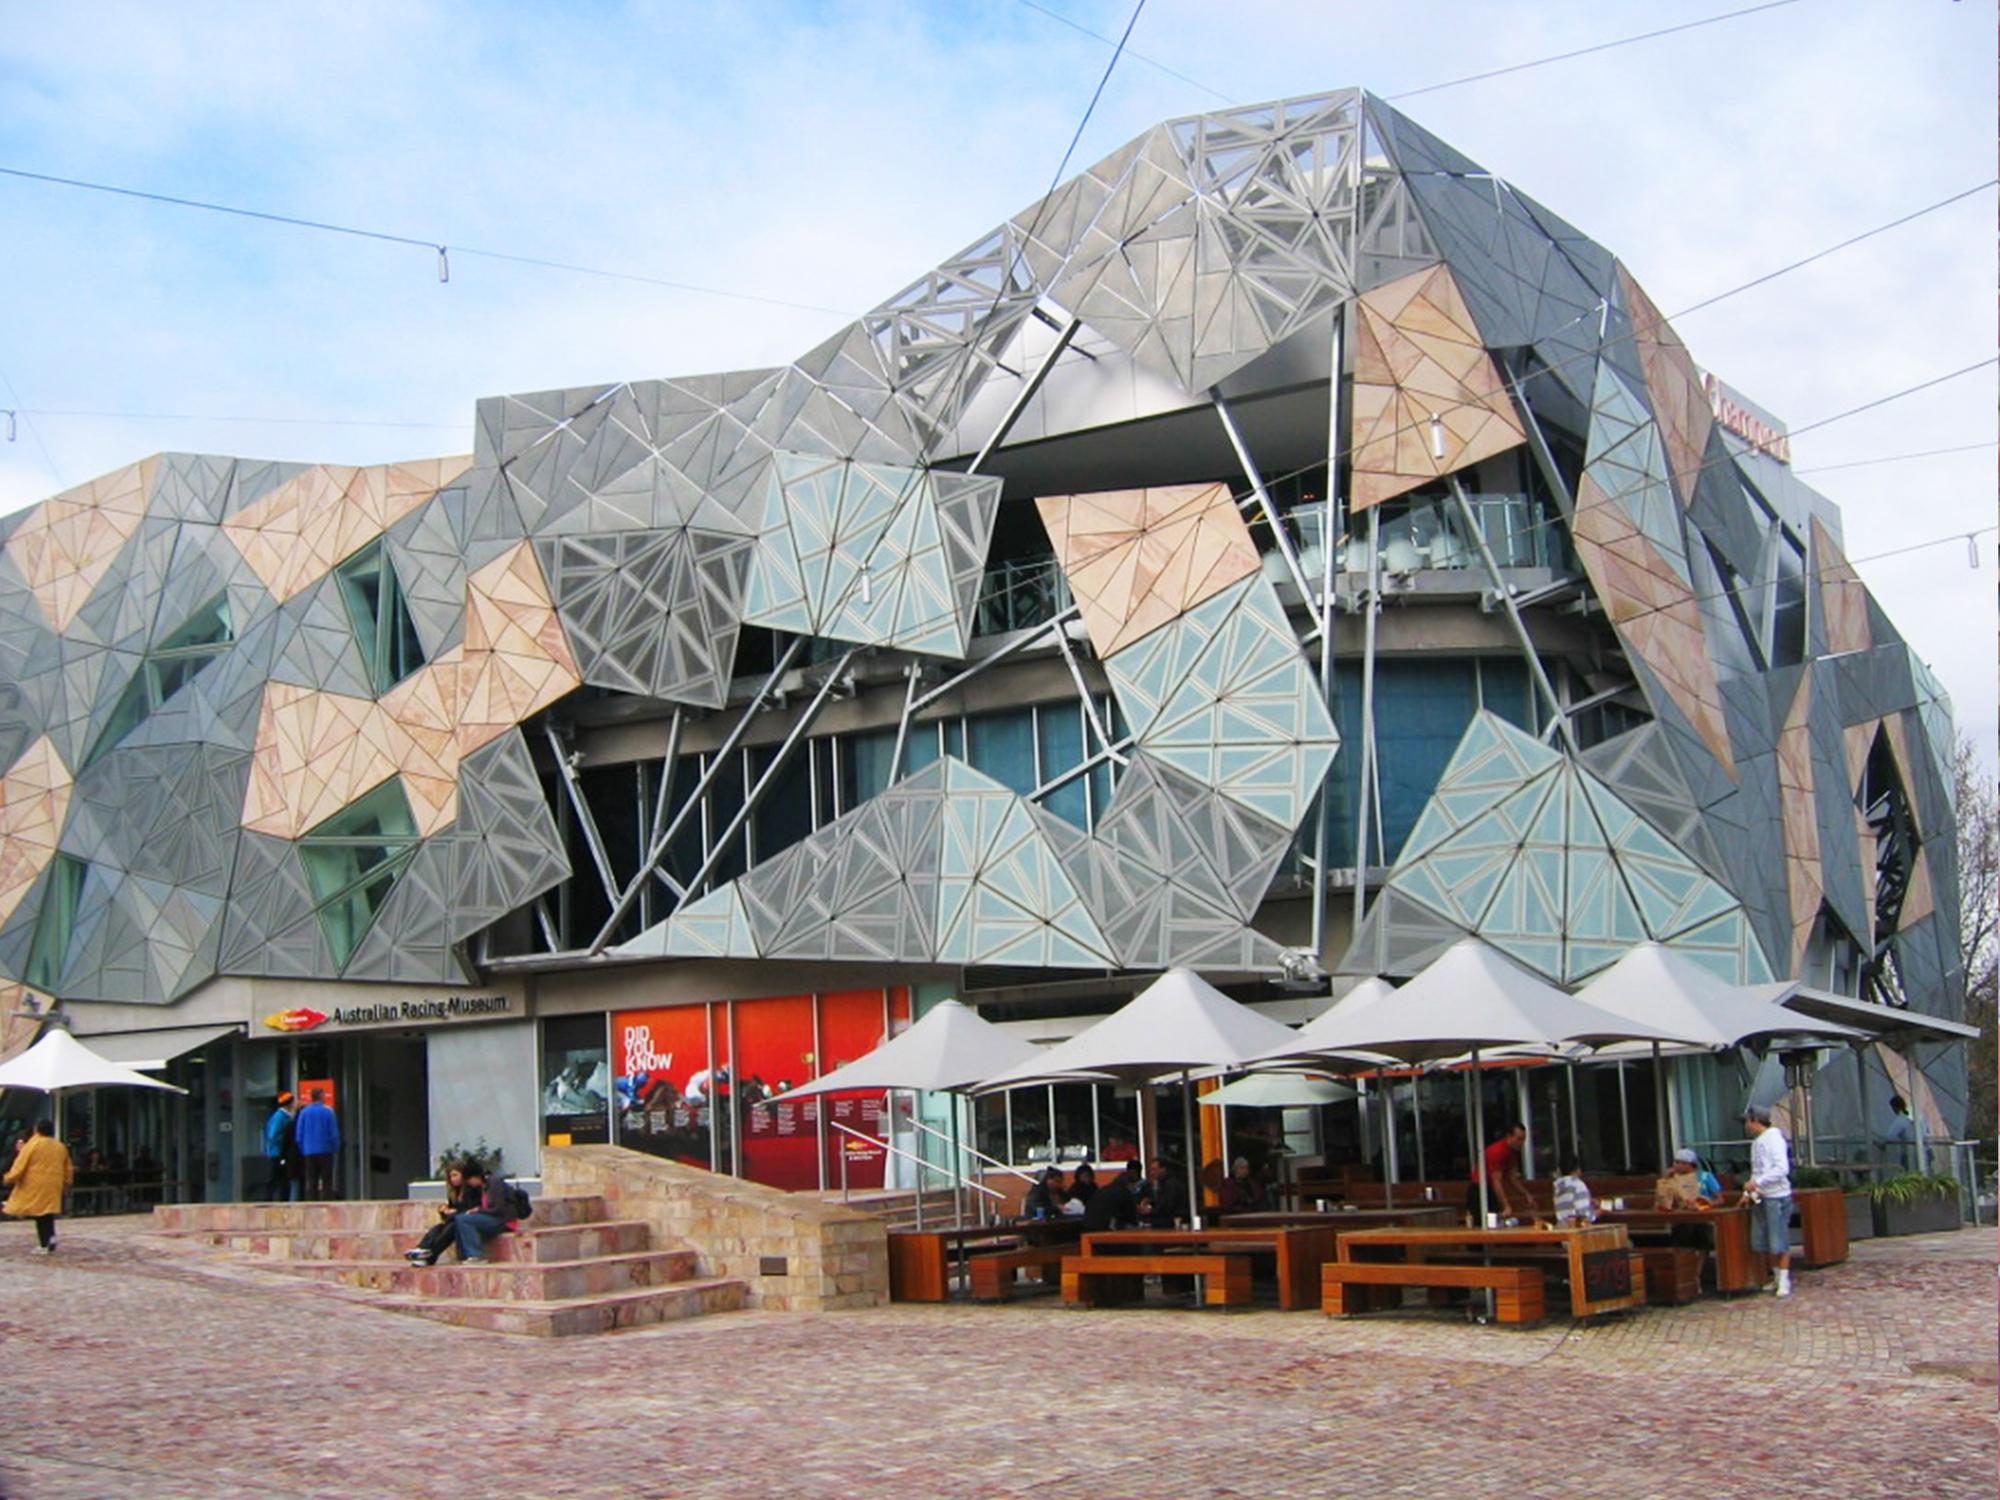 Road trip en Australie - Melbourne